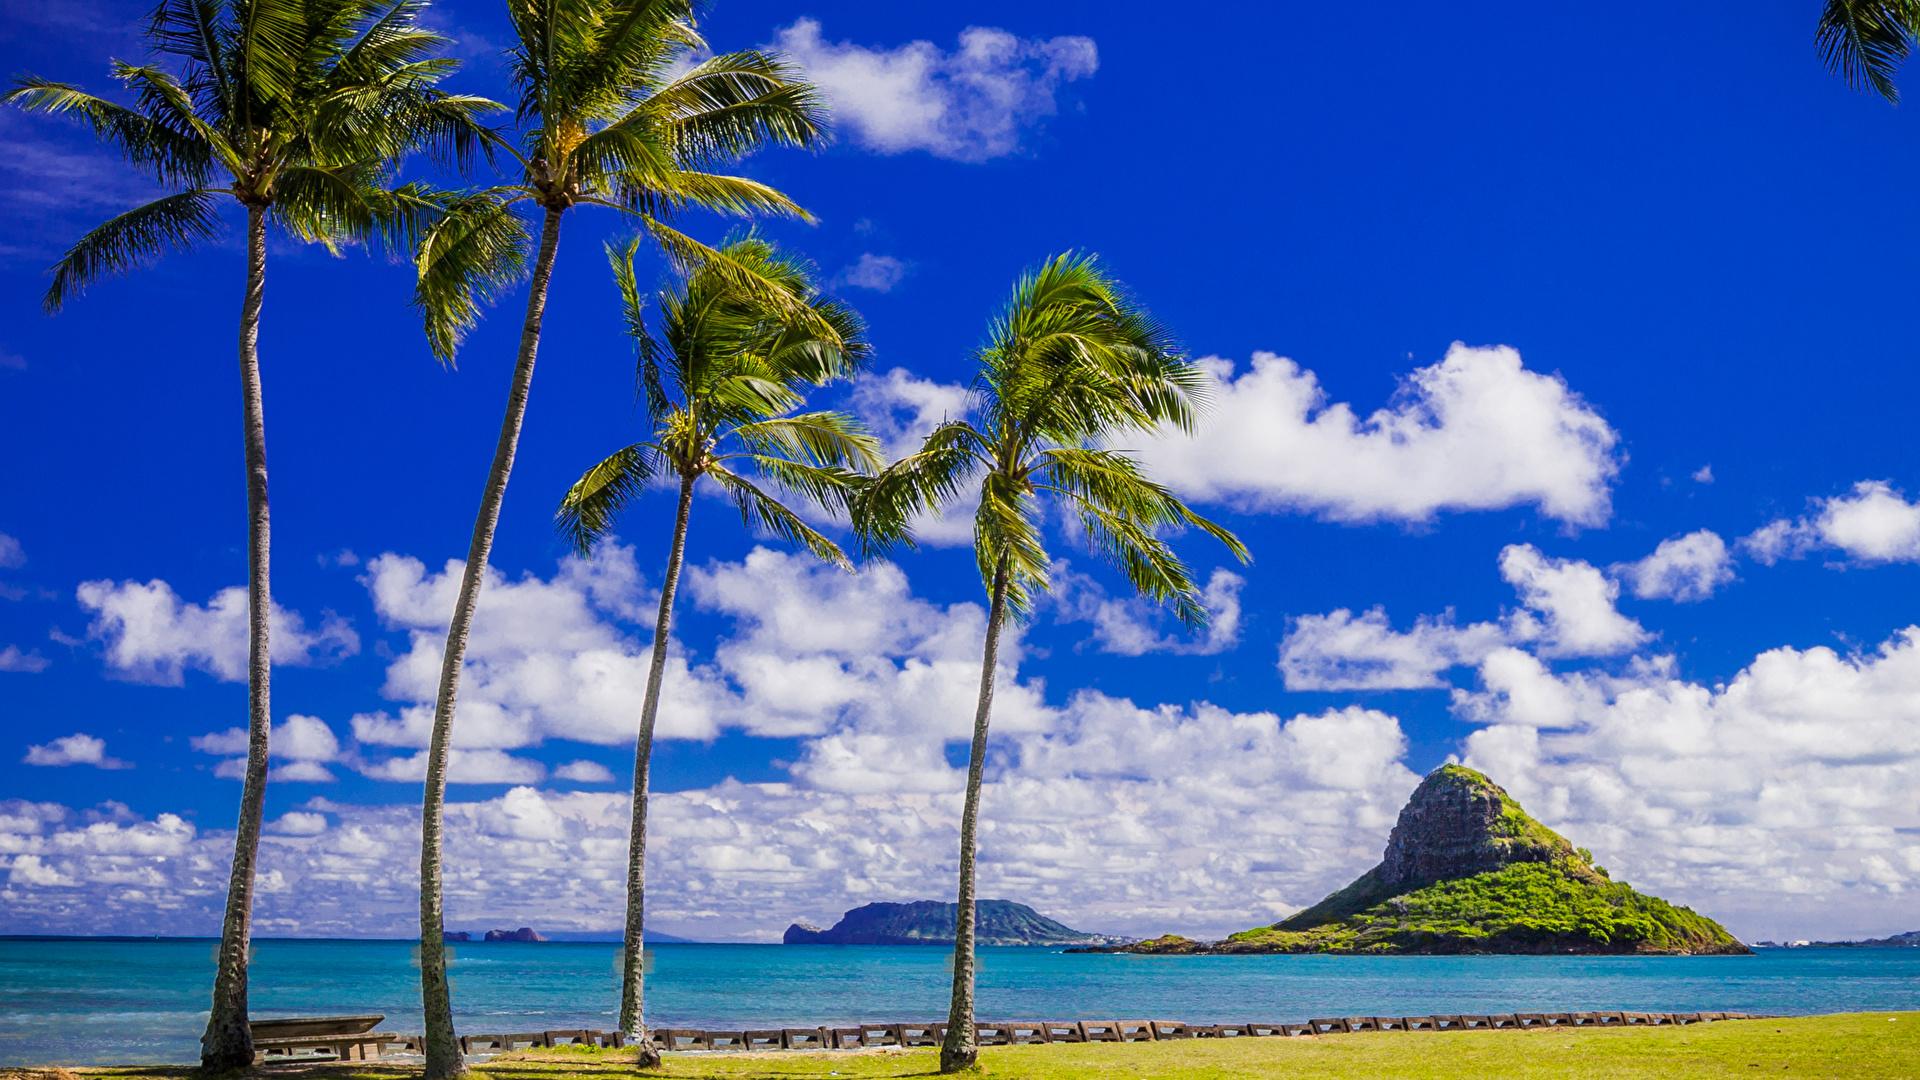 壁紙 1920x1080 熱帯 海岸 空 アメリカ合衆国 ハワイ州 ヤシ